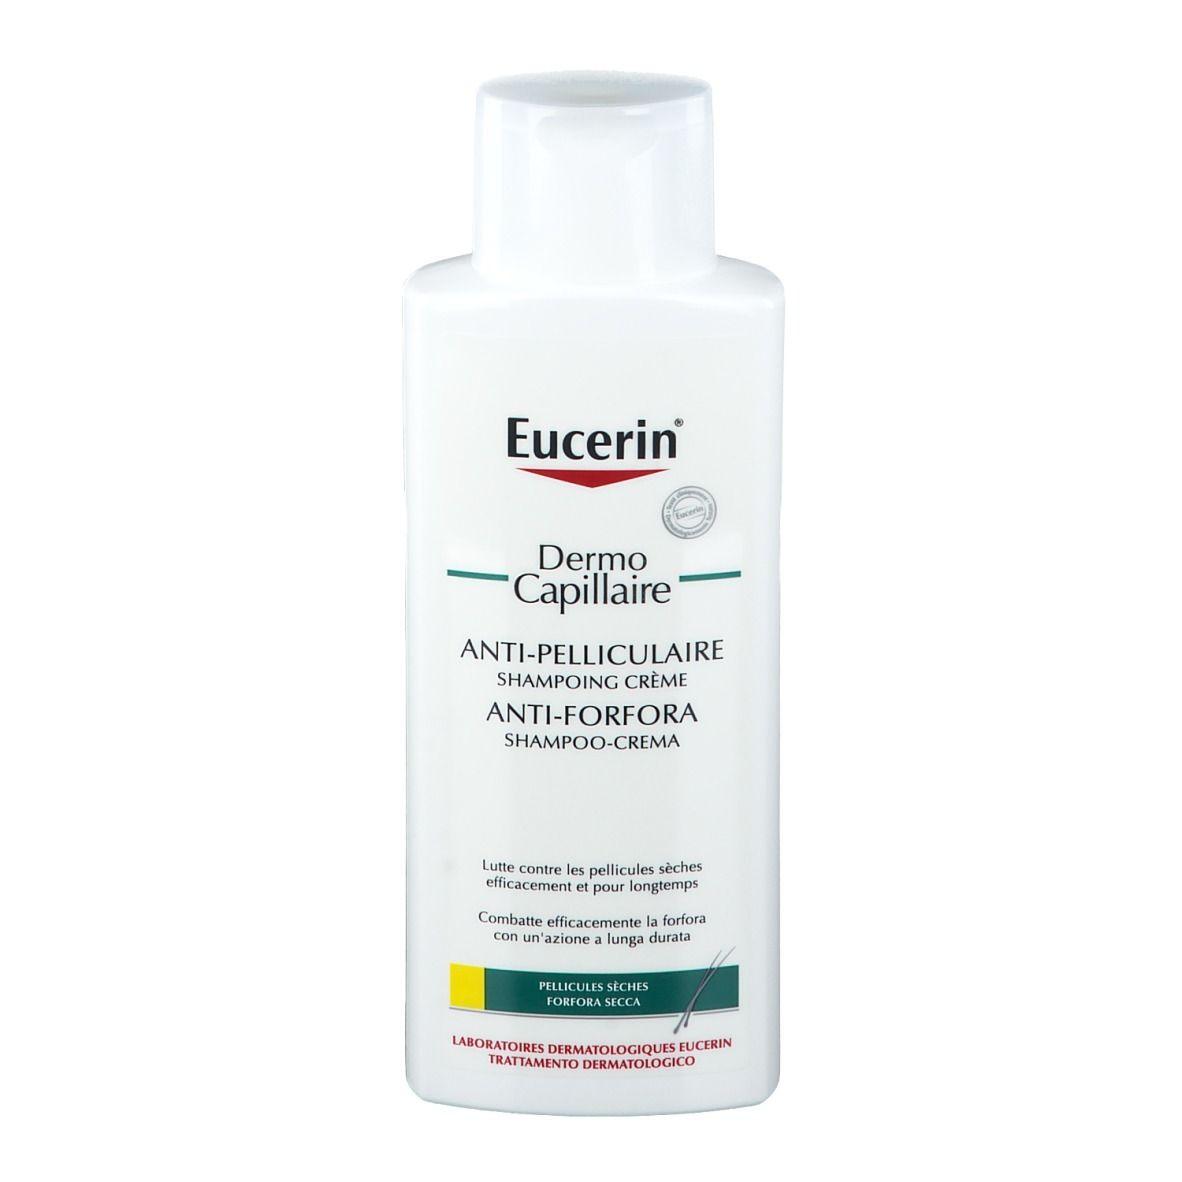 Image of Eucerin® DermoCapillaire Anti-Schuppen Shampoo